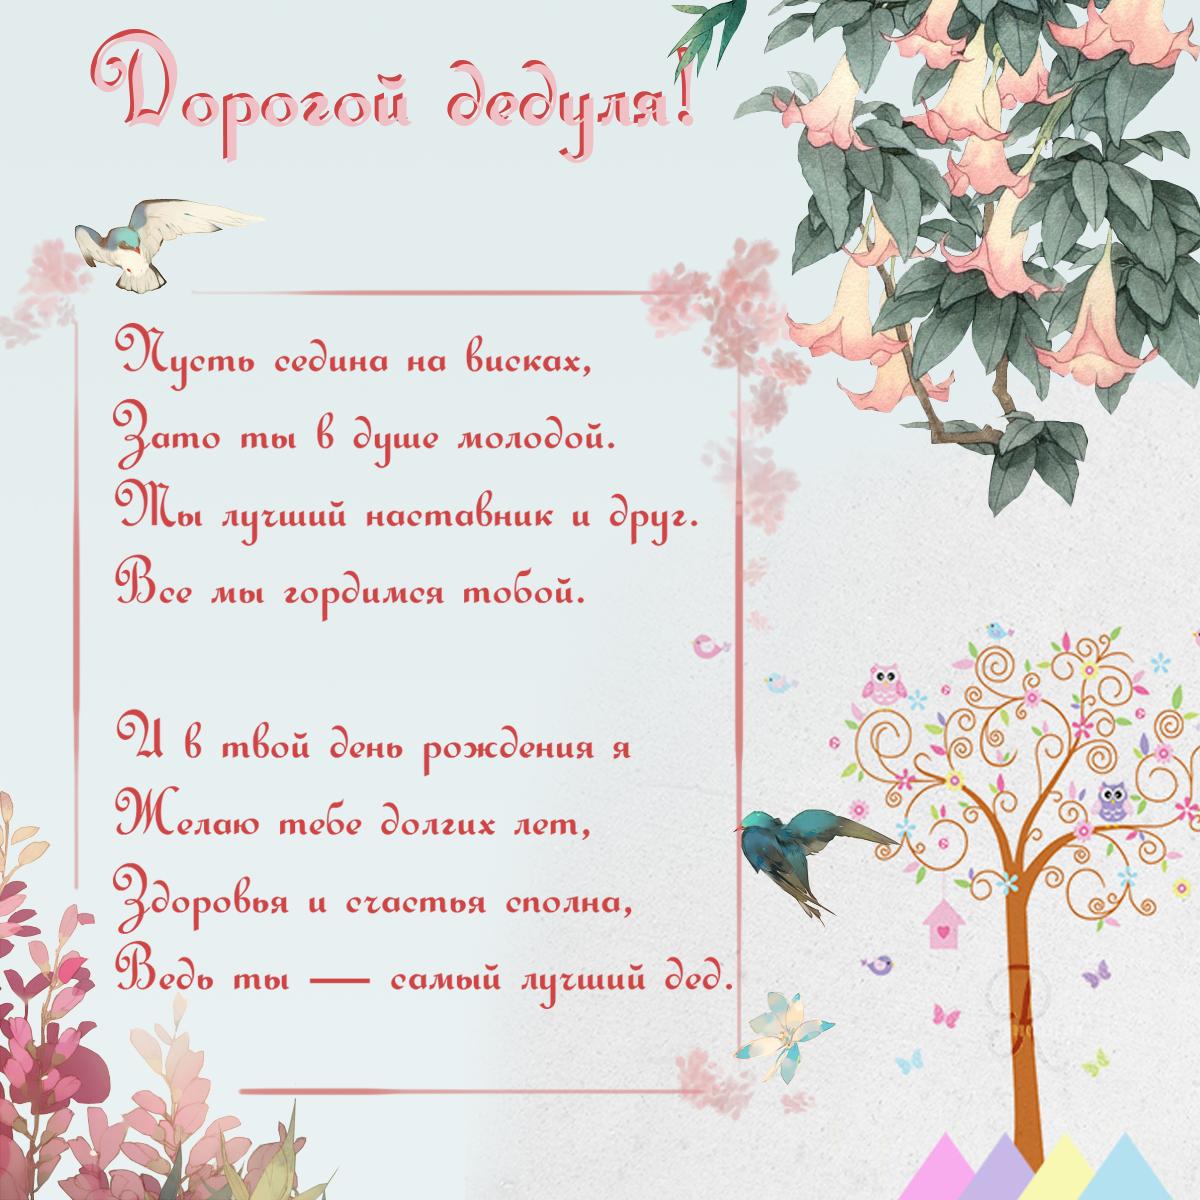 открытка с поздравлением дедушке с днем рождения